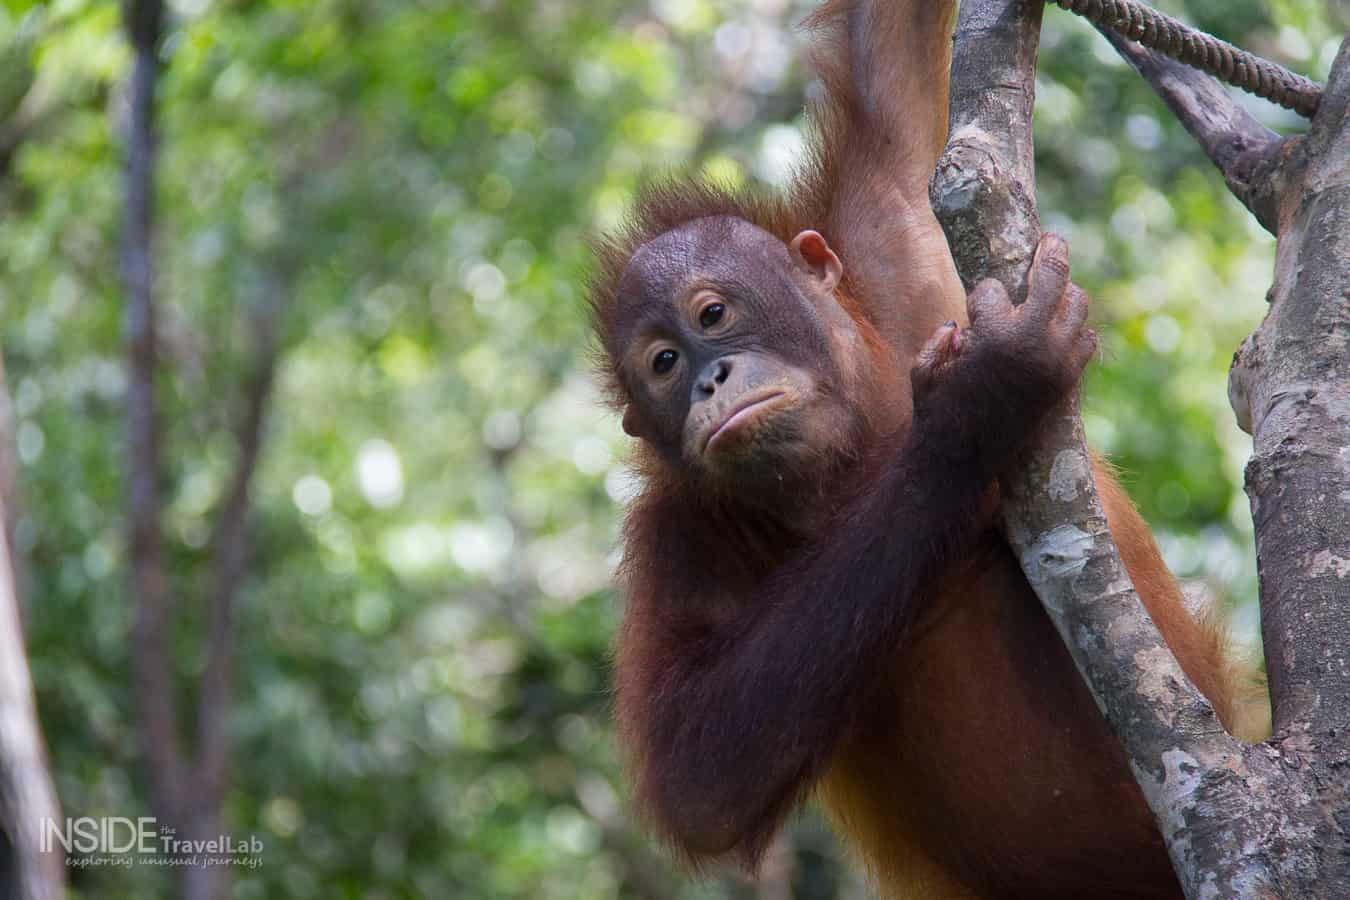 Orangutans look back in Borneo Rainforest